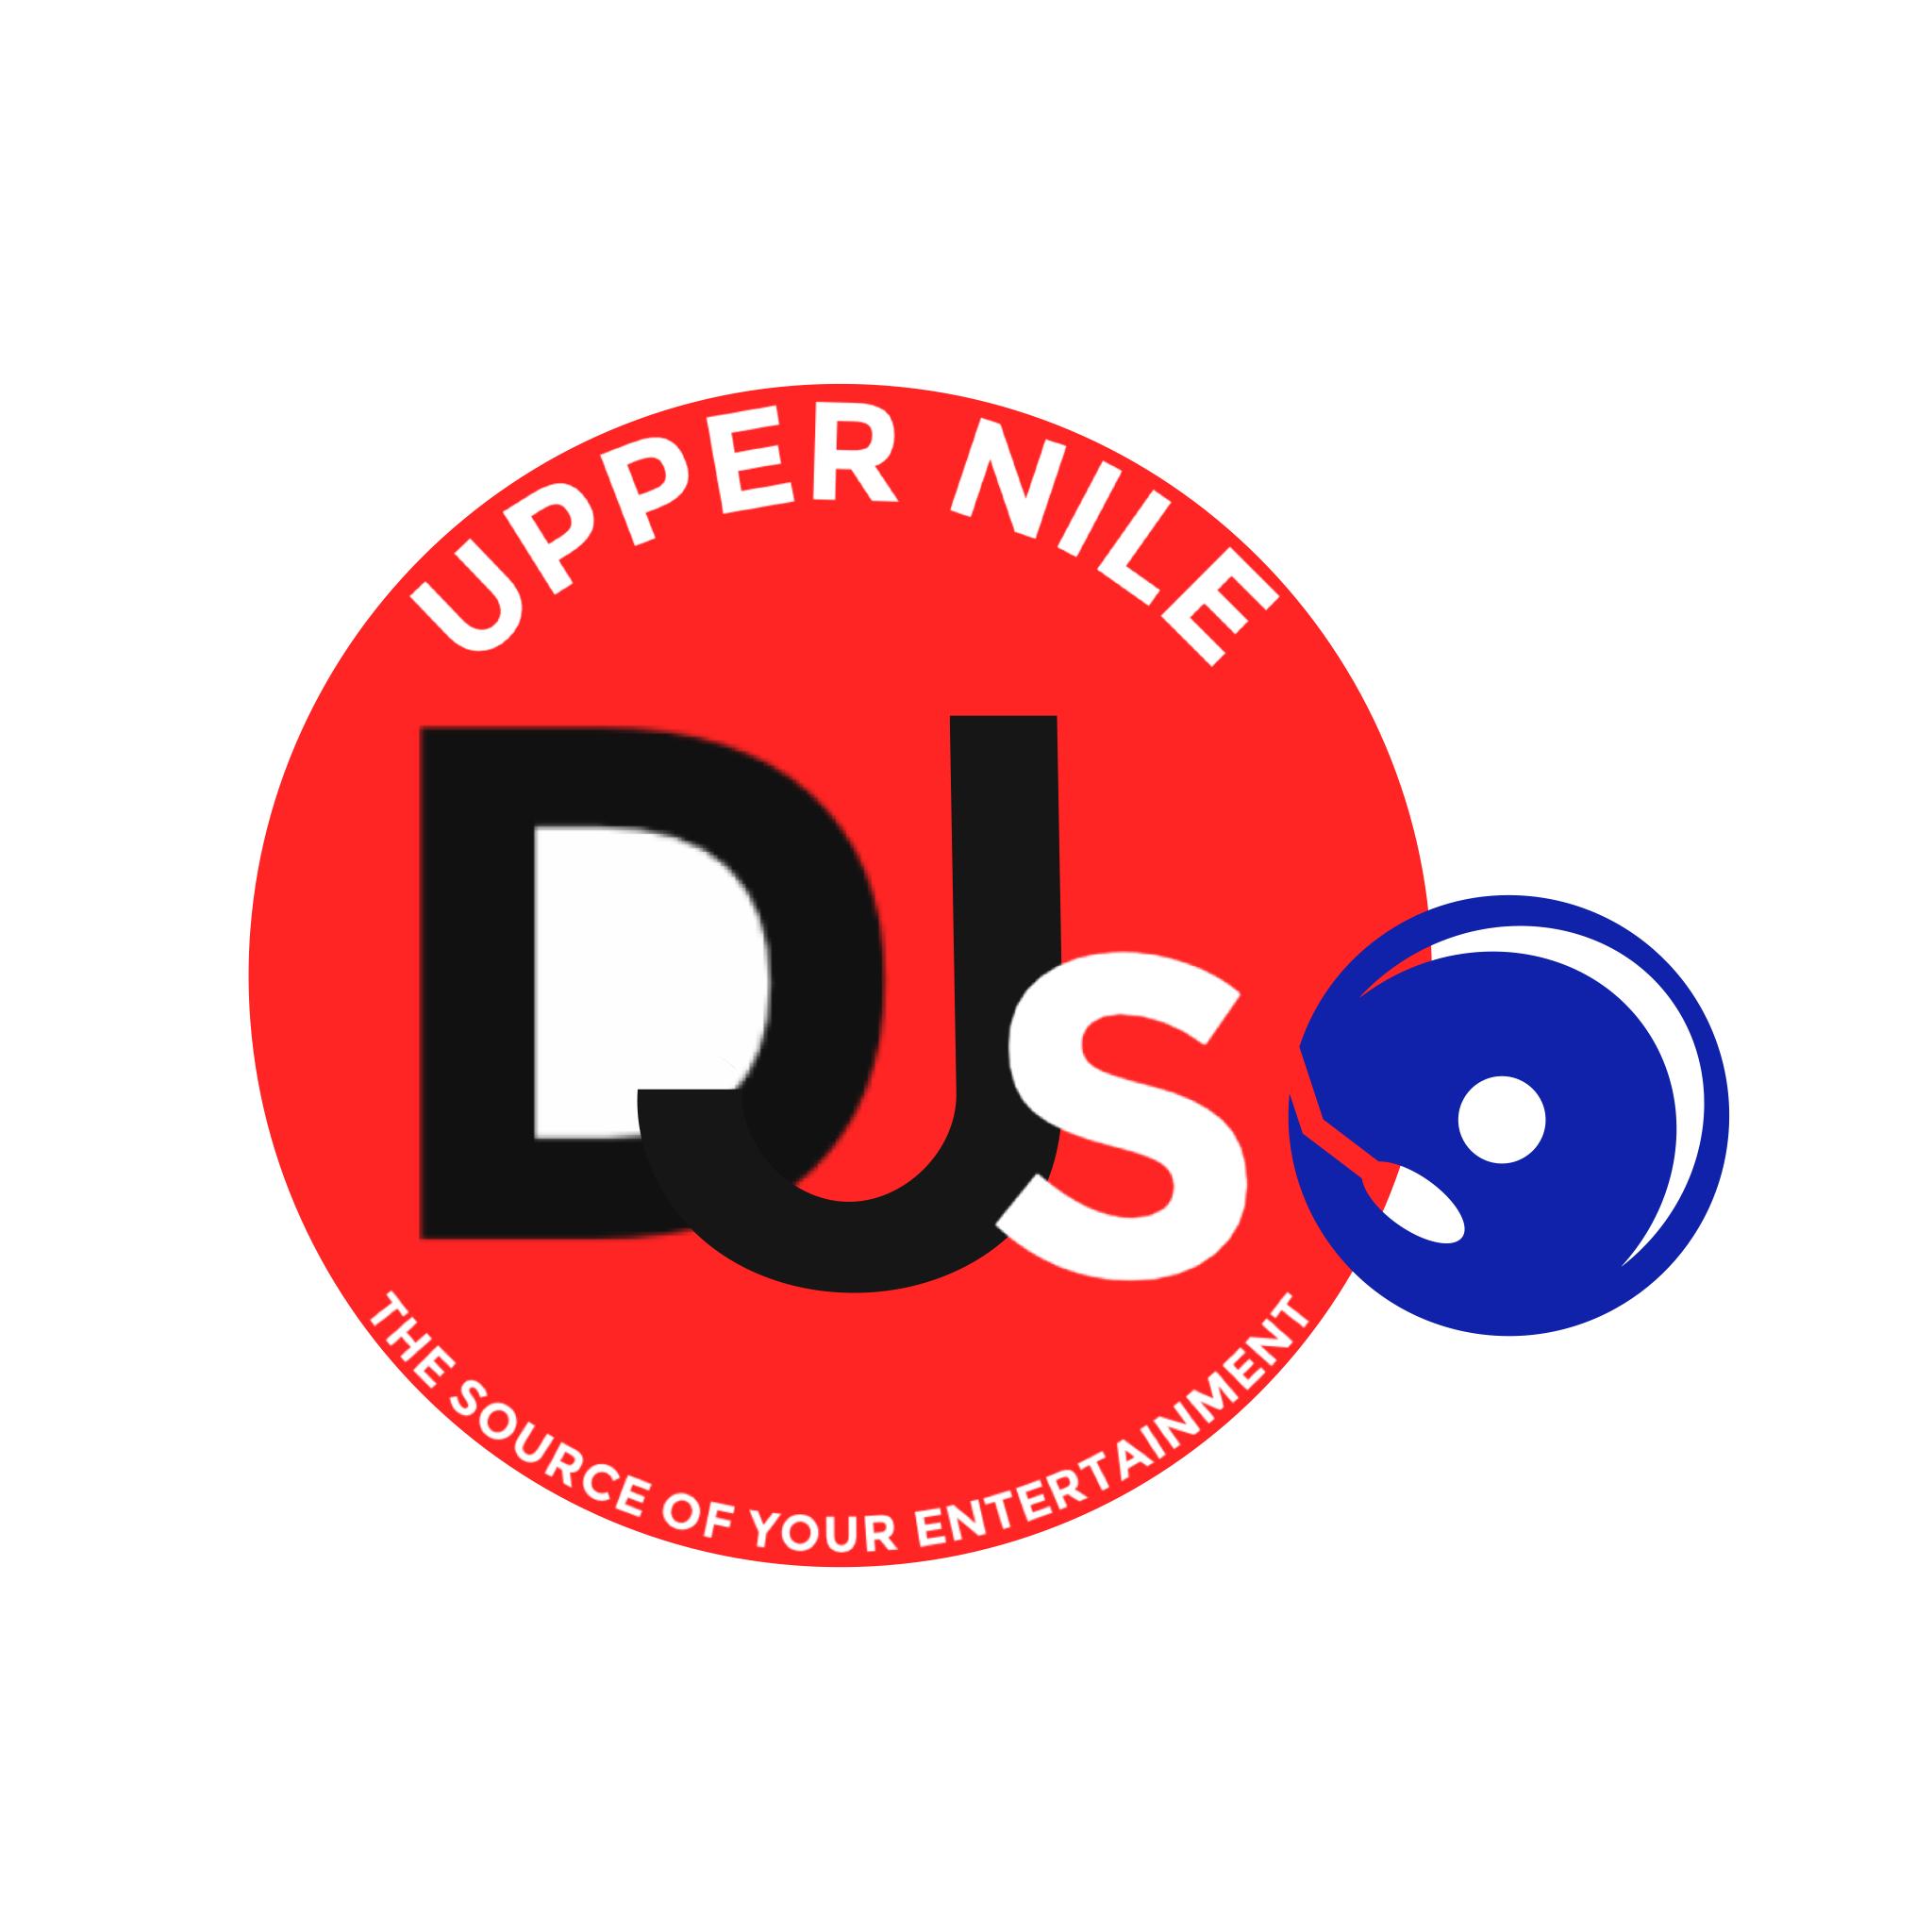 Art for UPPER NILE DJS  ADS by Advert